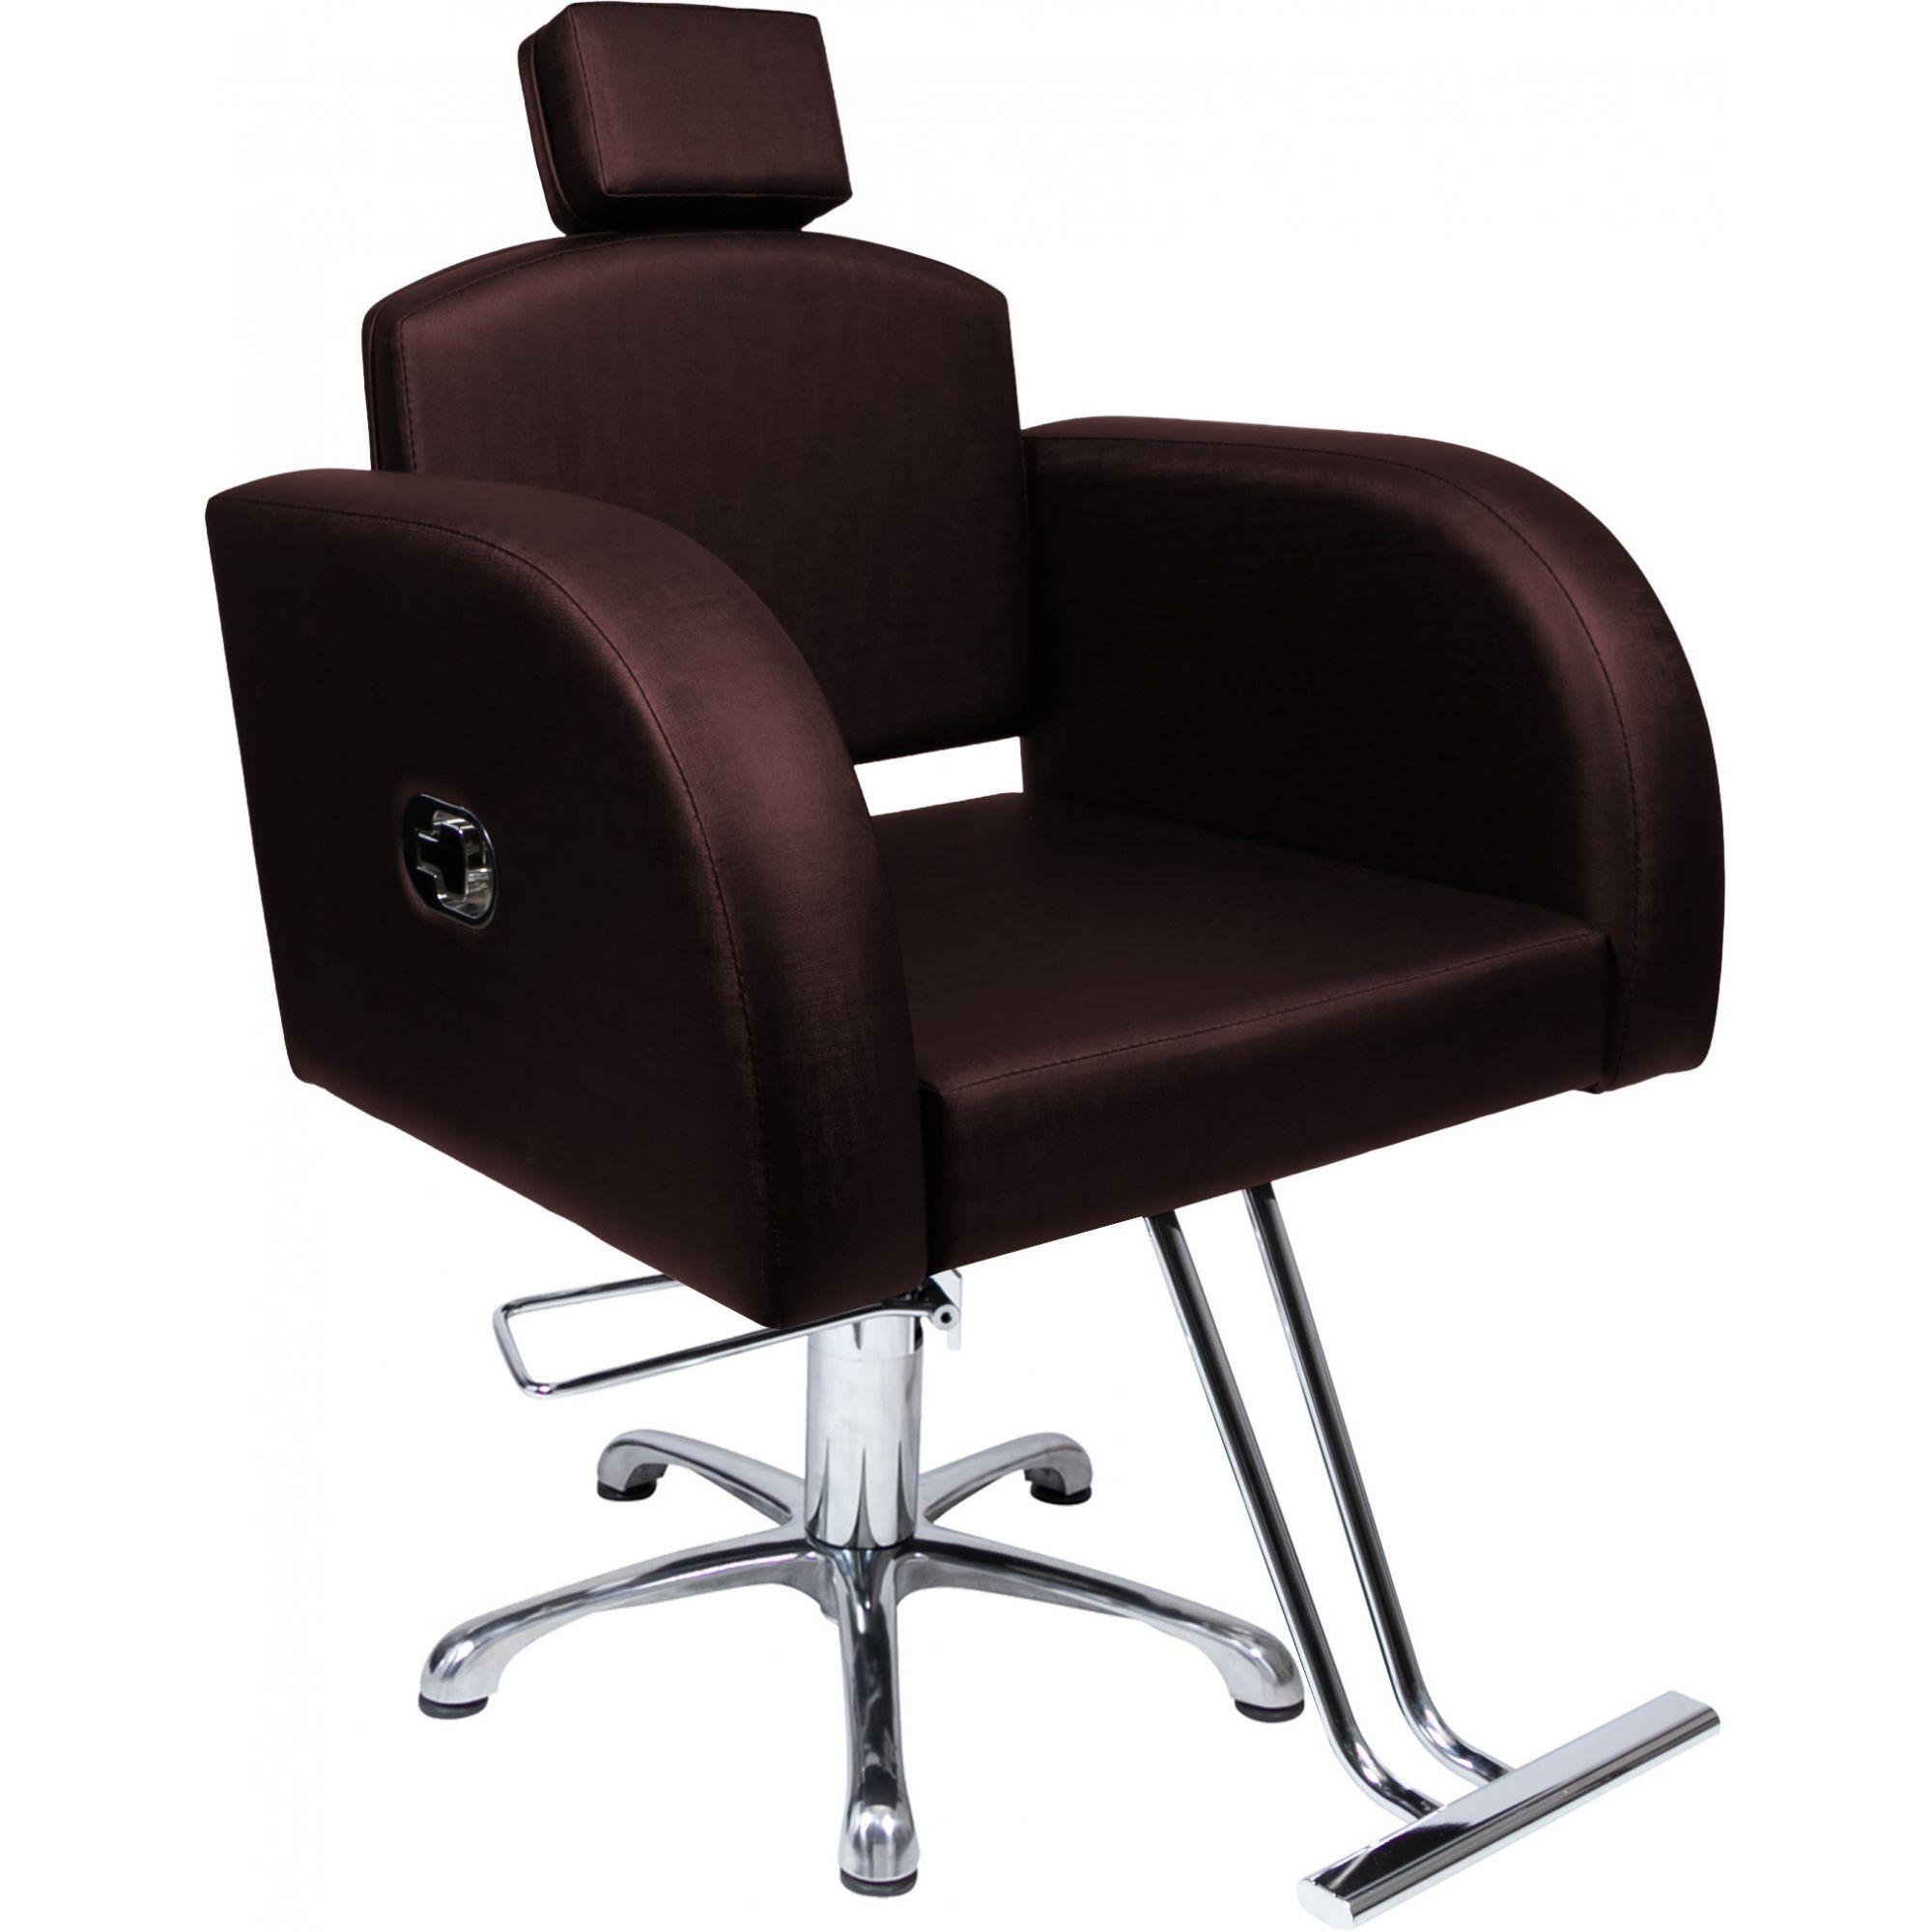 Poltrona Cadeira Hidráulica Destak Reclinável Para Salão Café Factor